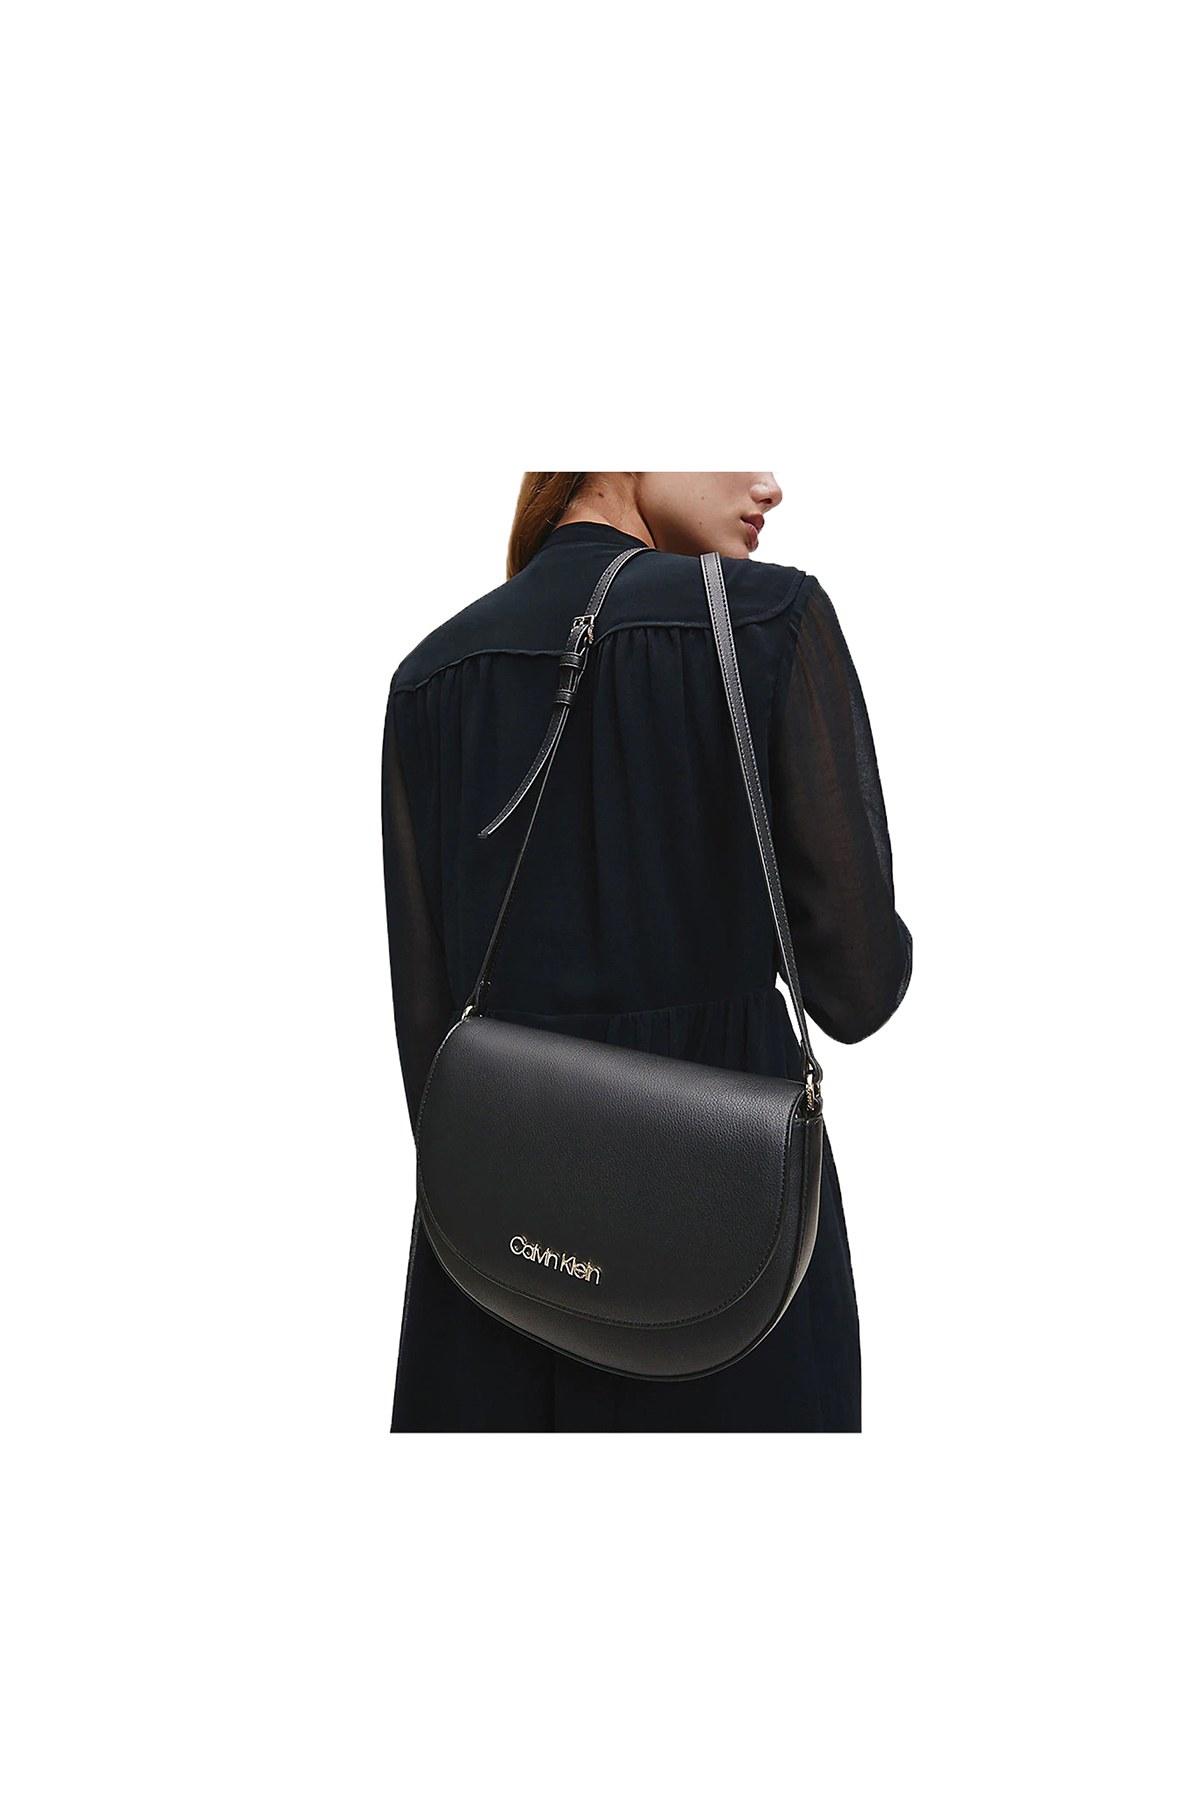 Calvin Klein Ayarlanabilir Askılı Kadın Çanta K60K607020 BAX SİYAH